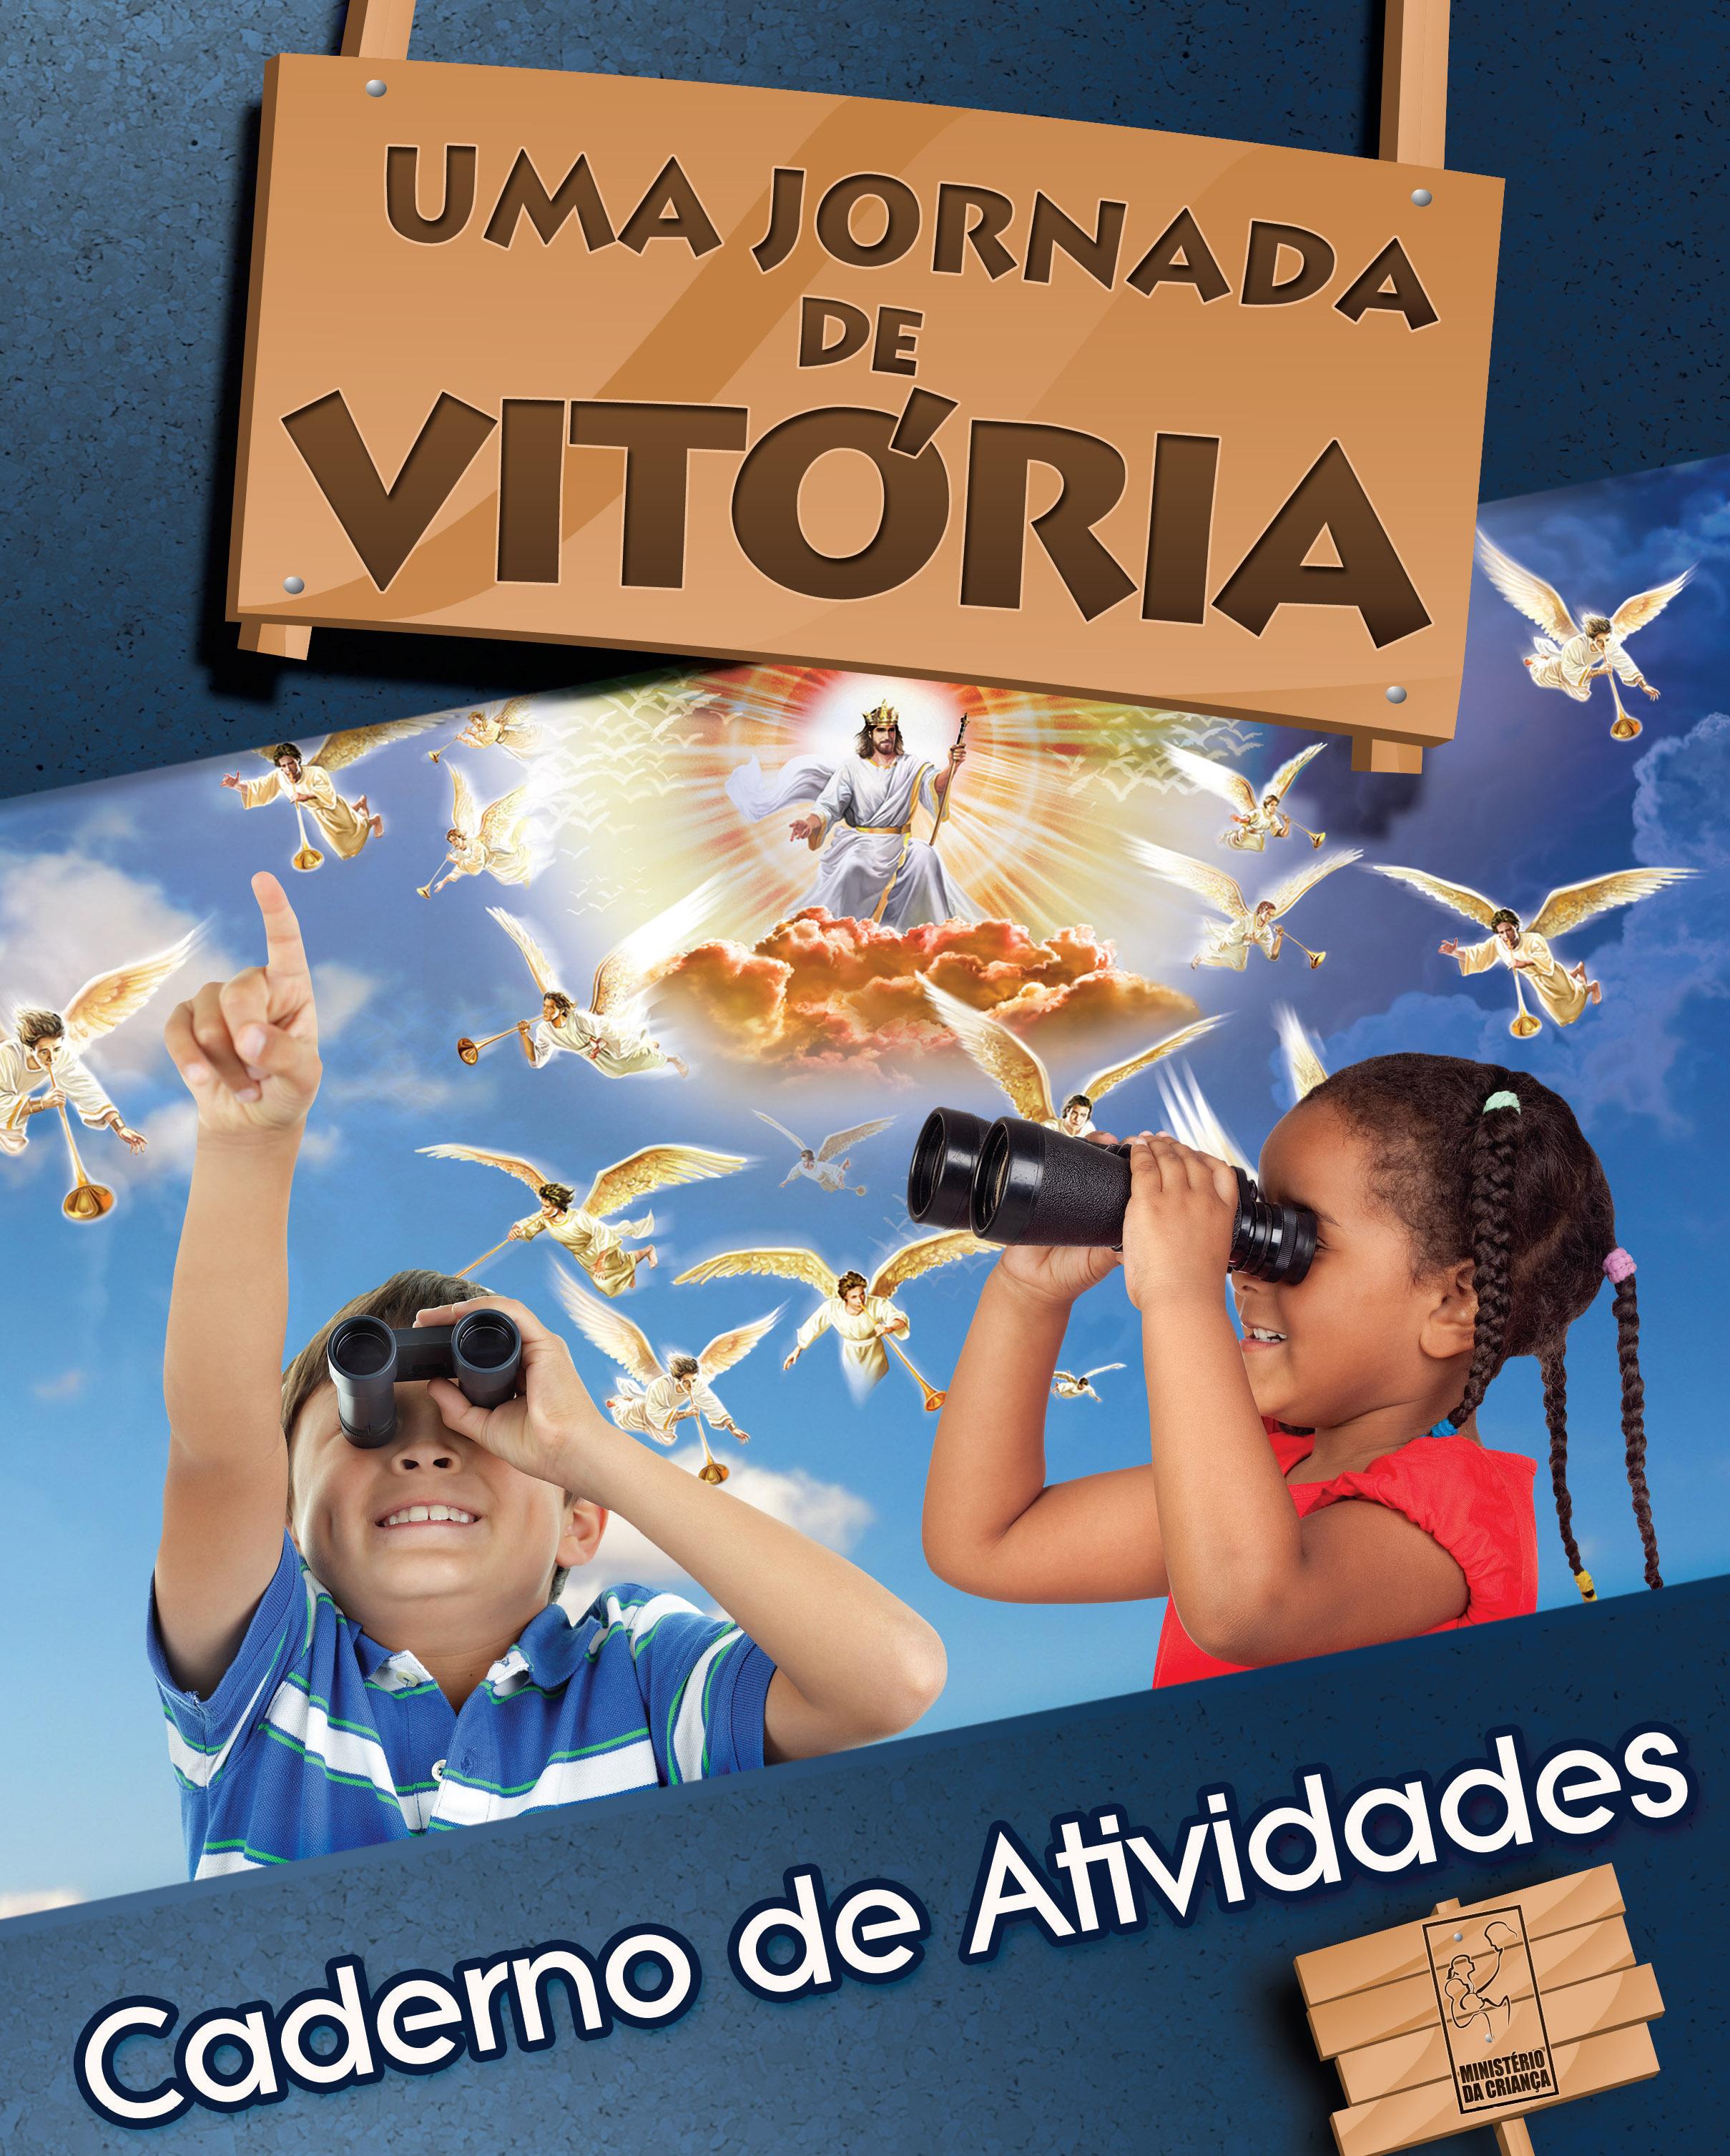 Caderno de atividades: Adoração Infantil – 2013